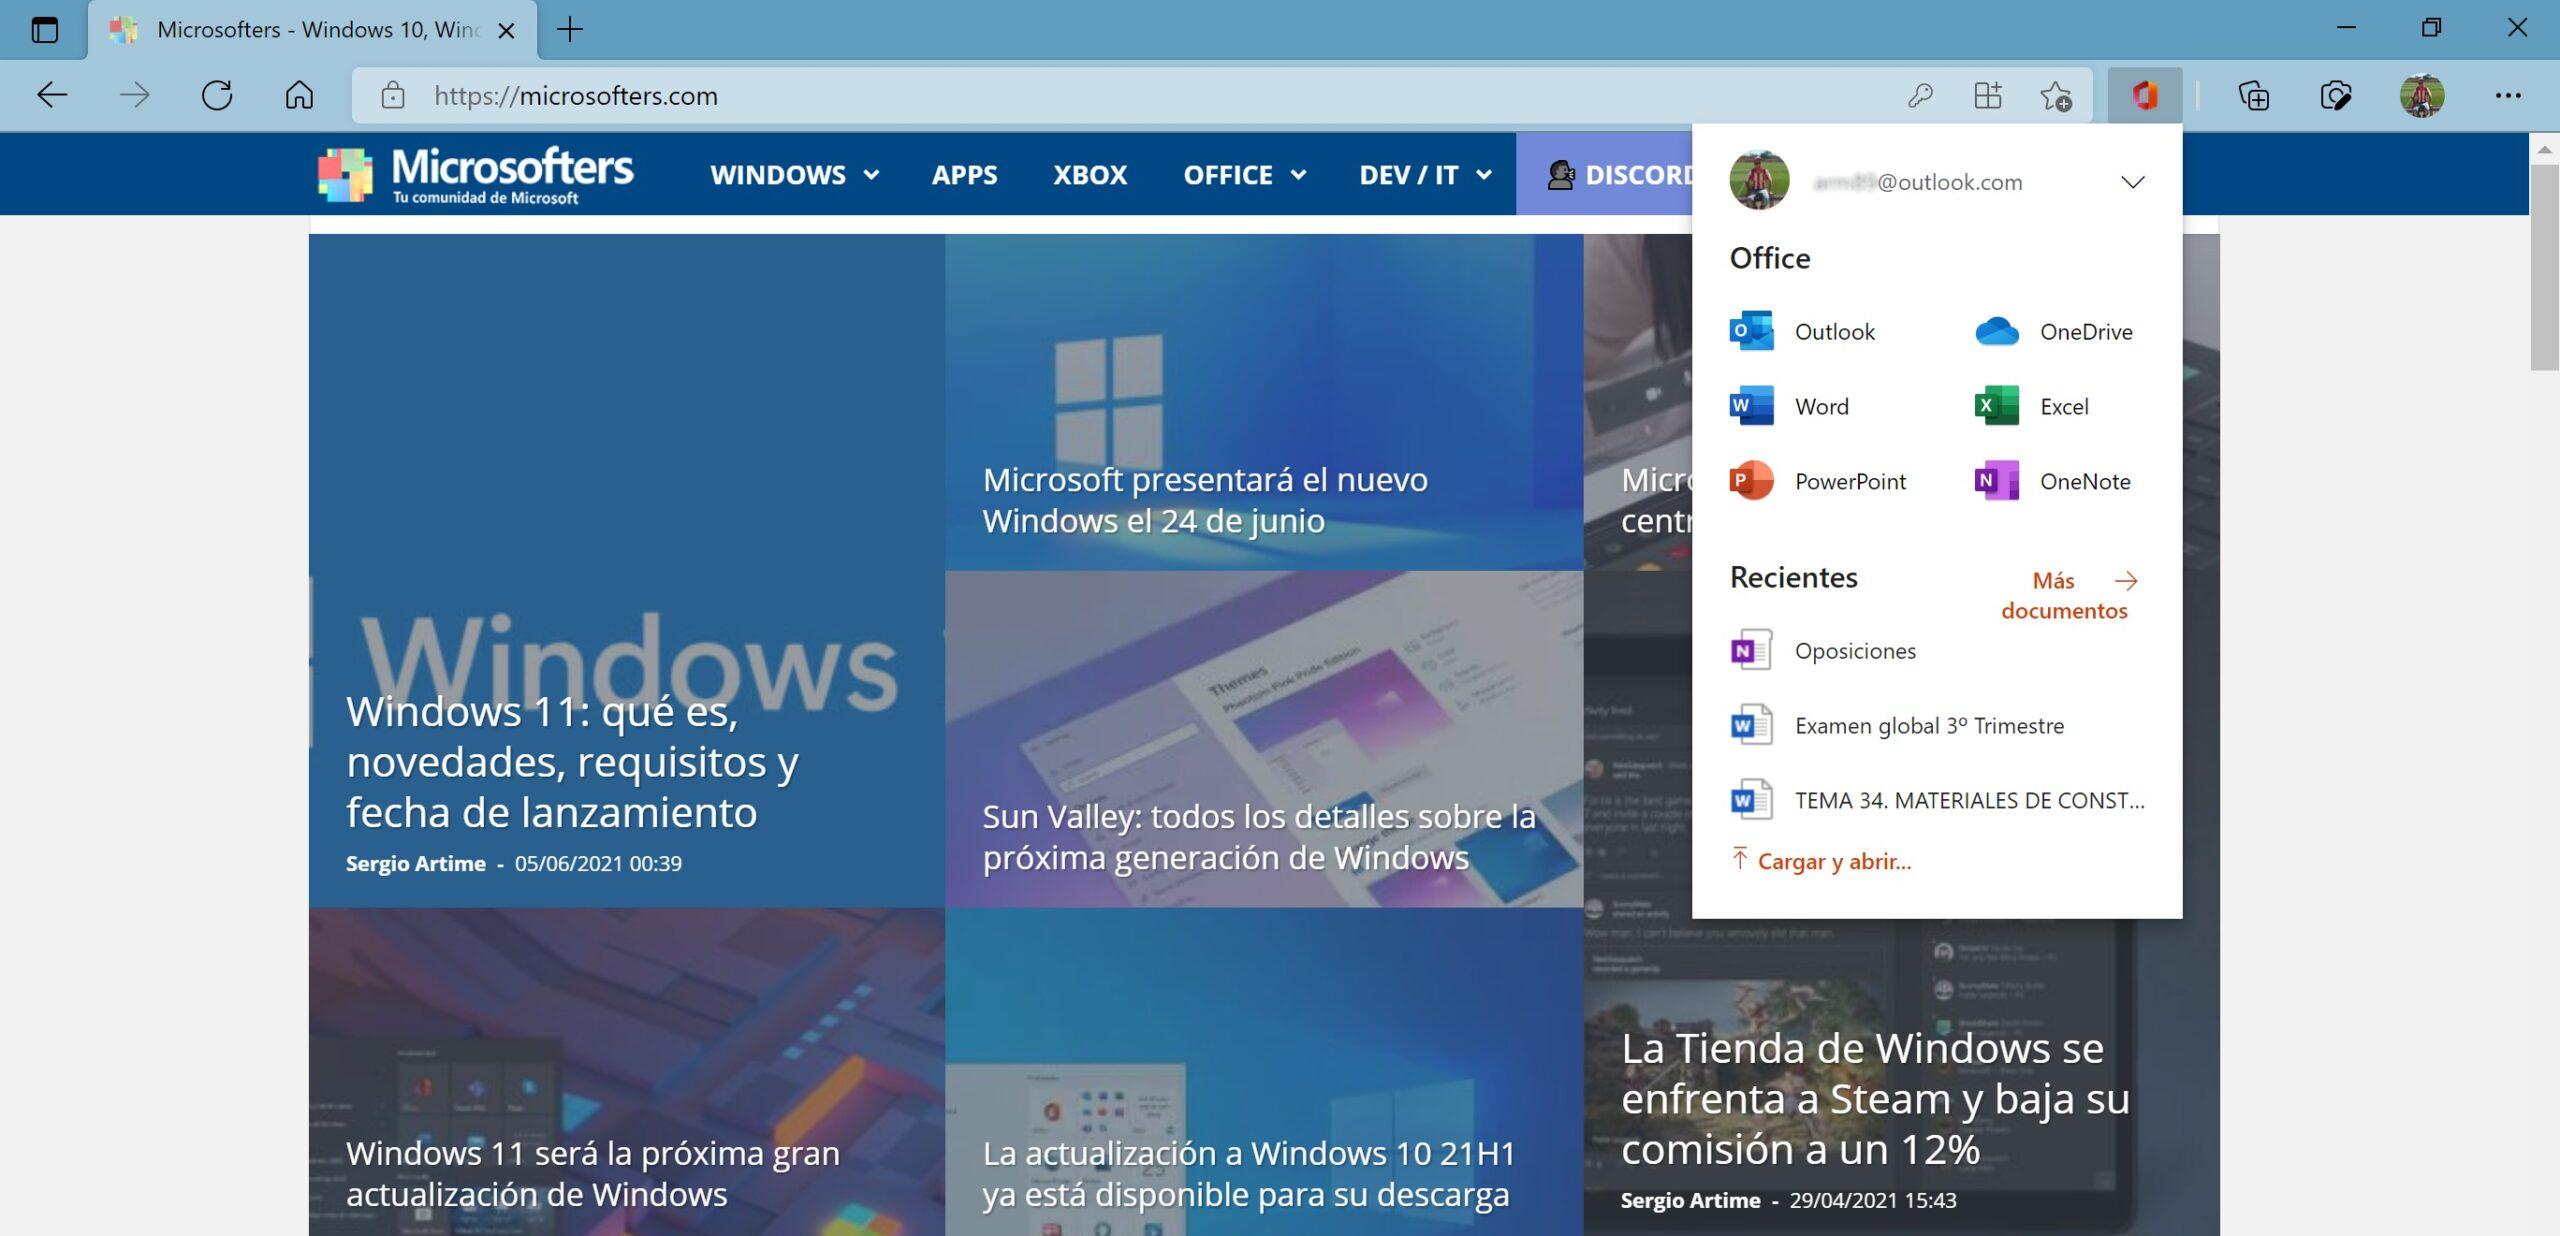 Extensión Microsoft 365